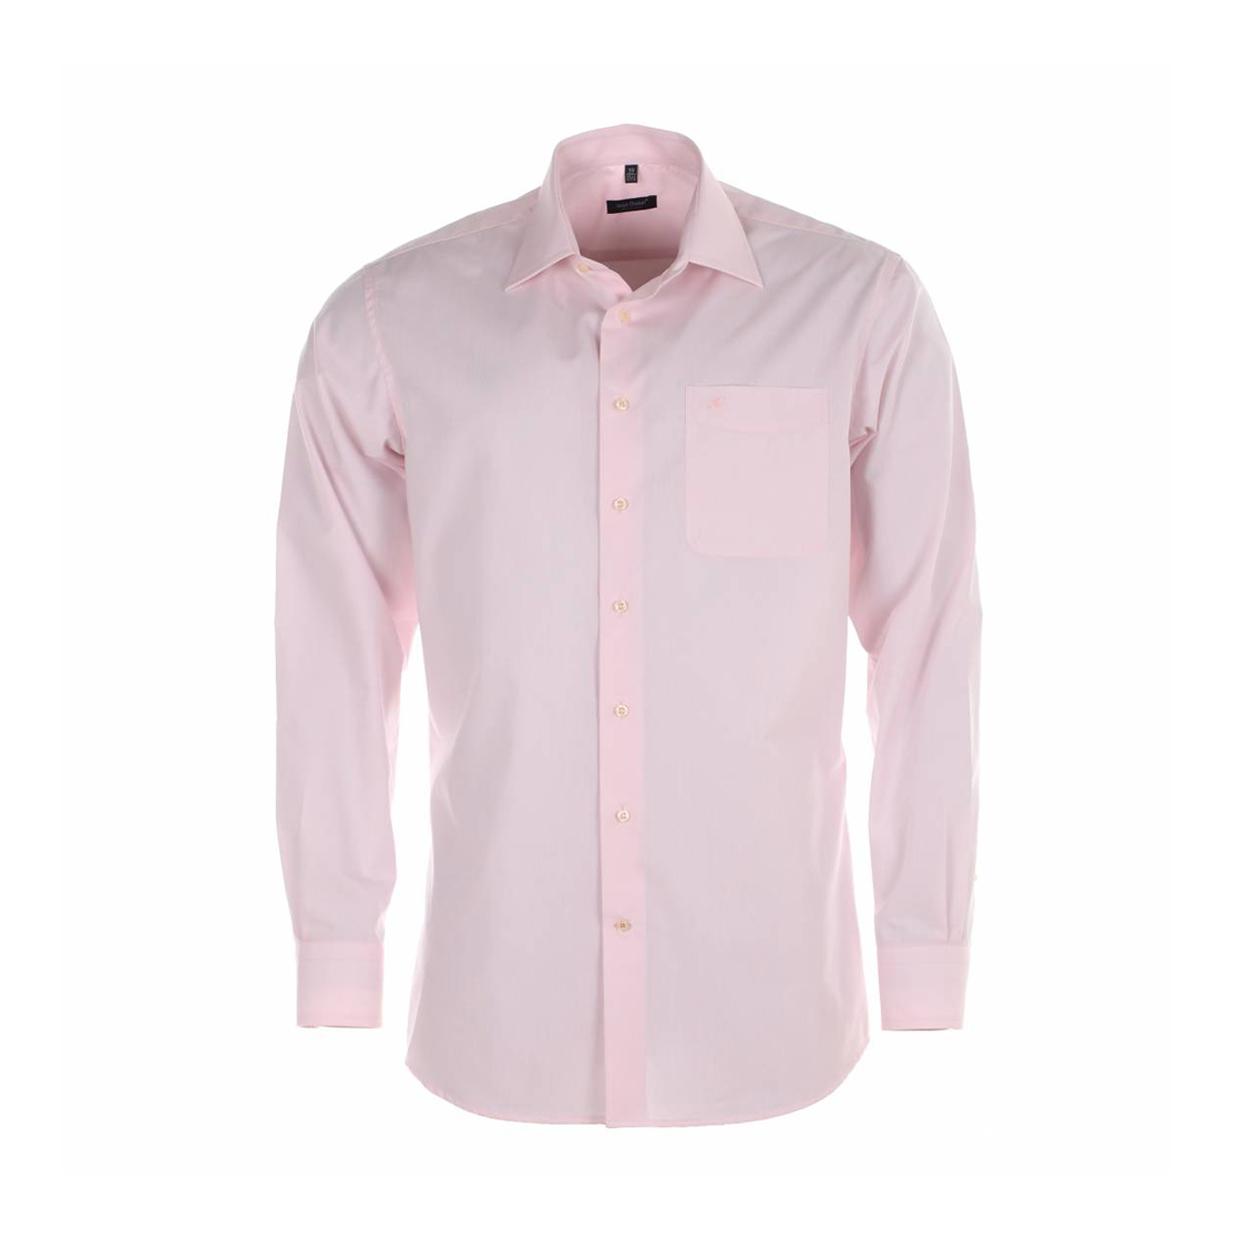 Chemise homme sans repassage  rose